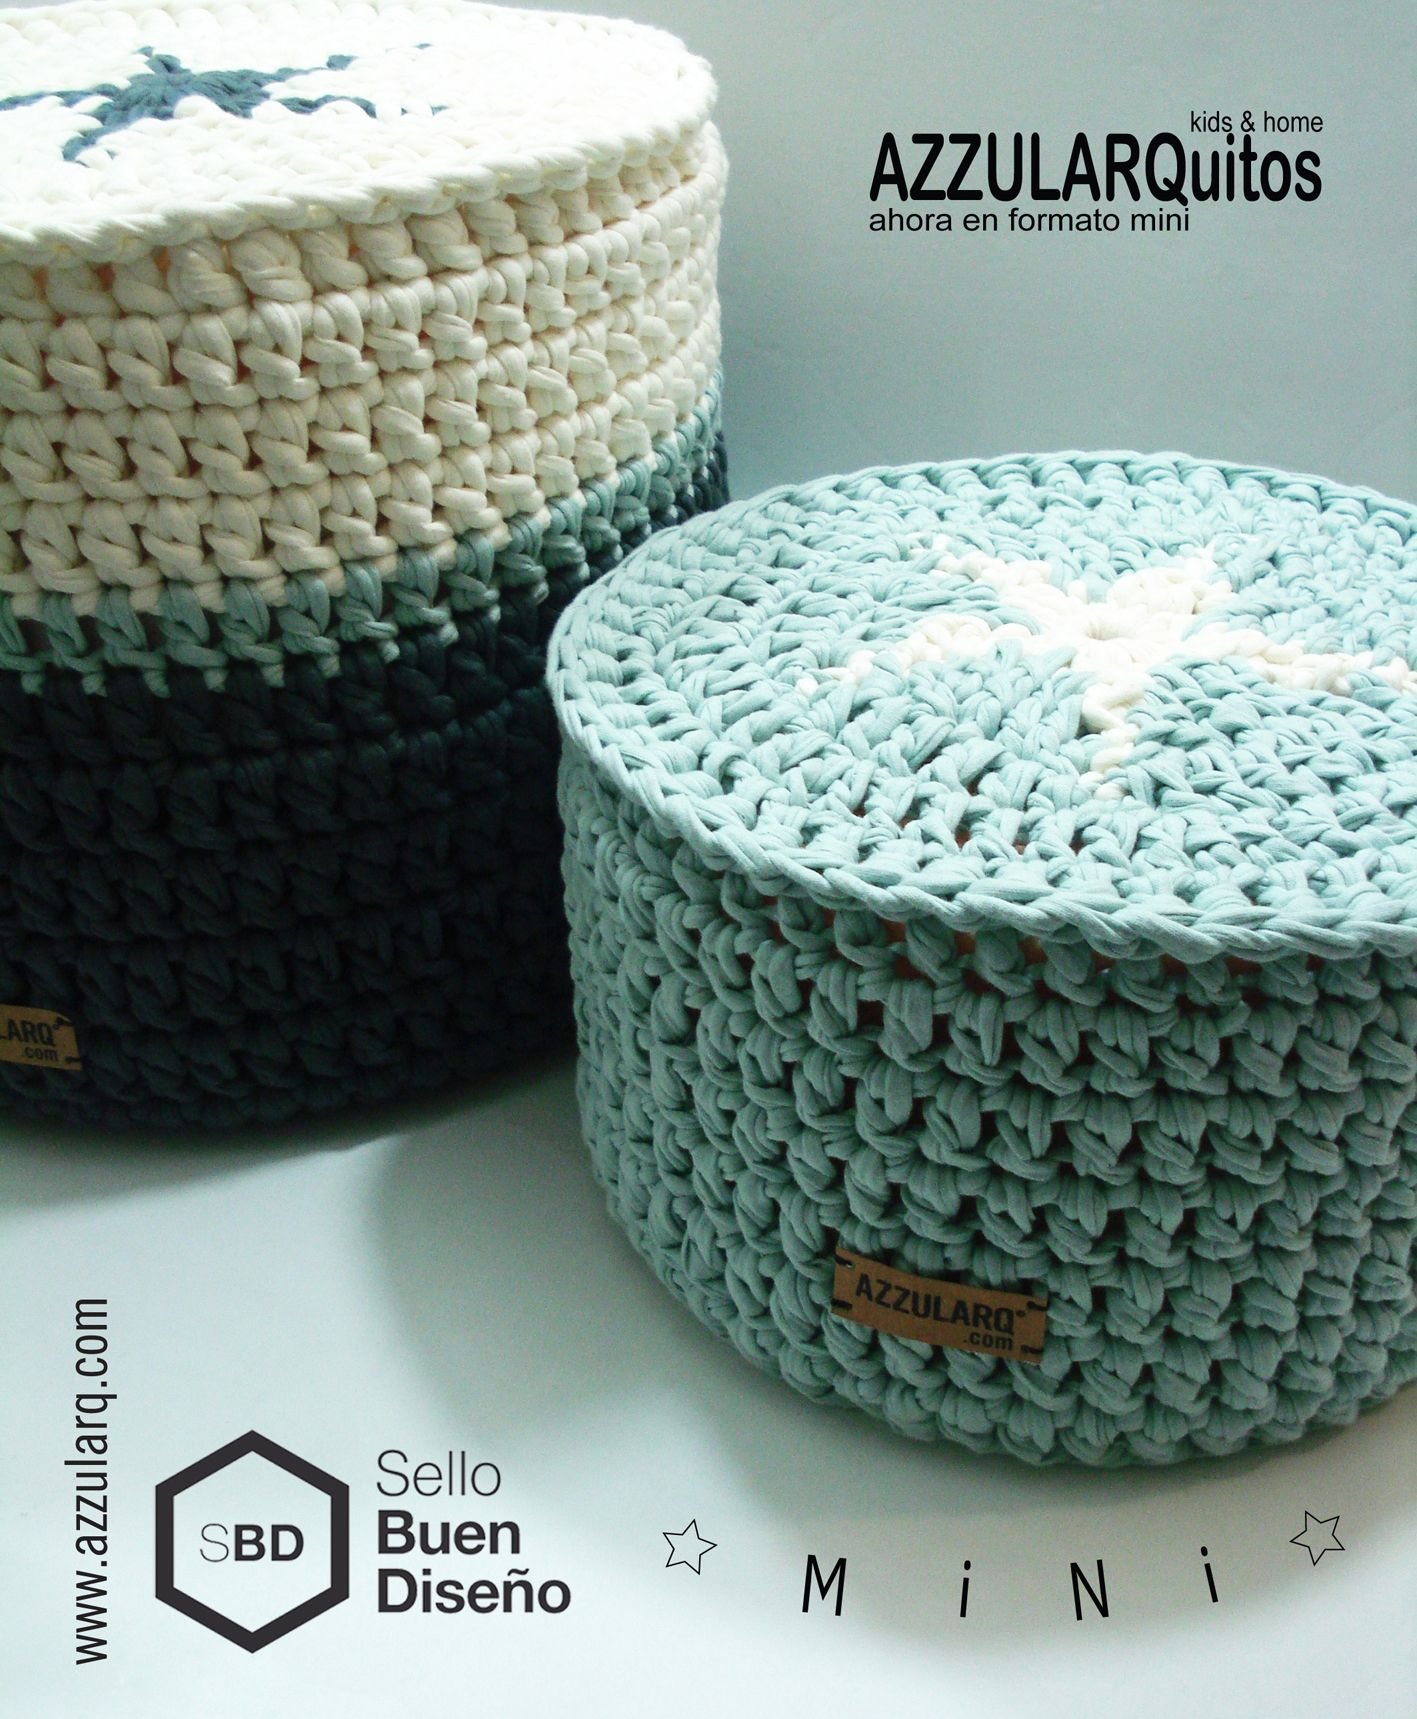 Te presentamos los nuevos MINI puff y pastilla, pensando en los mas chiquitos de la casa. http://www.azzularq.com/azzularquitos/